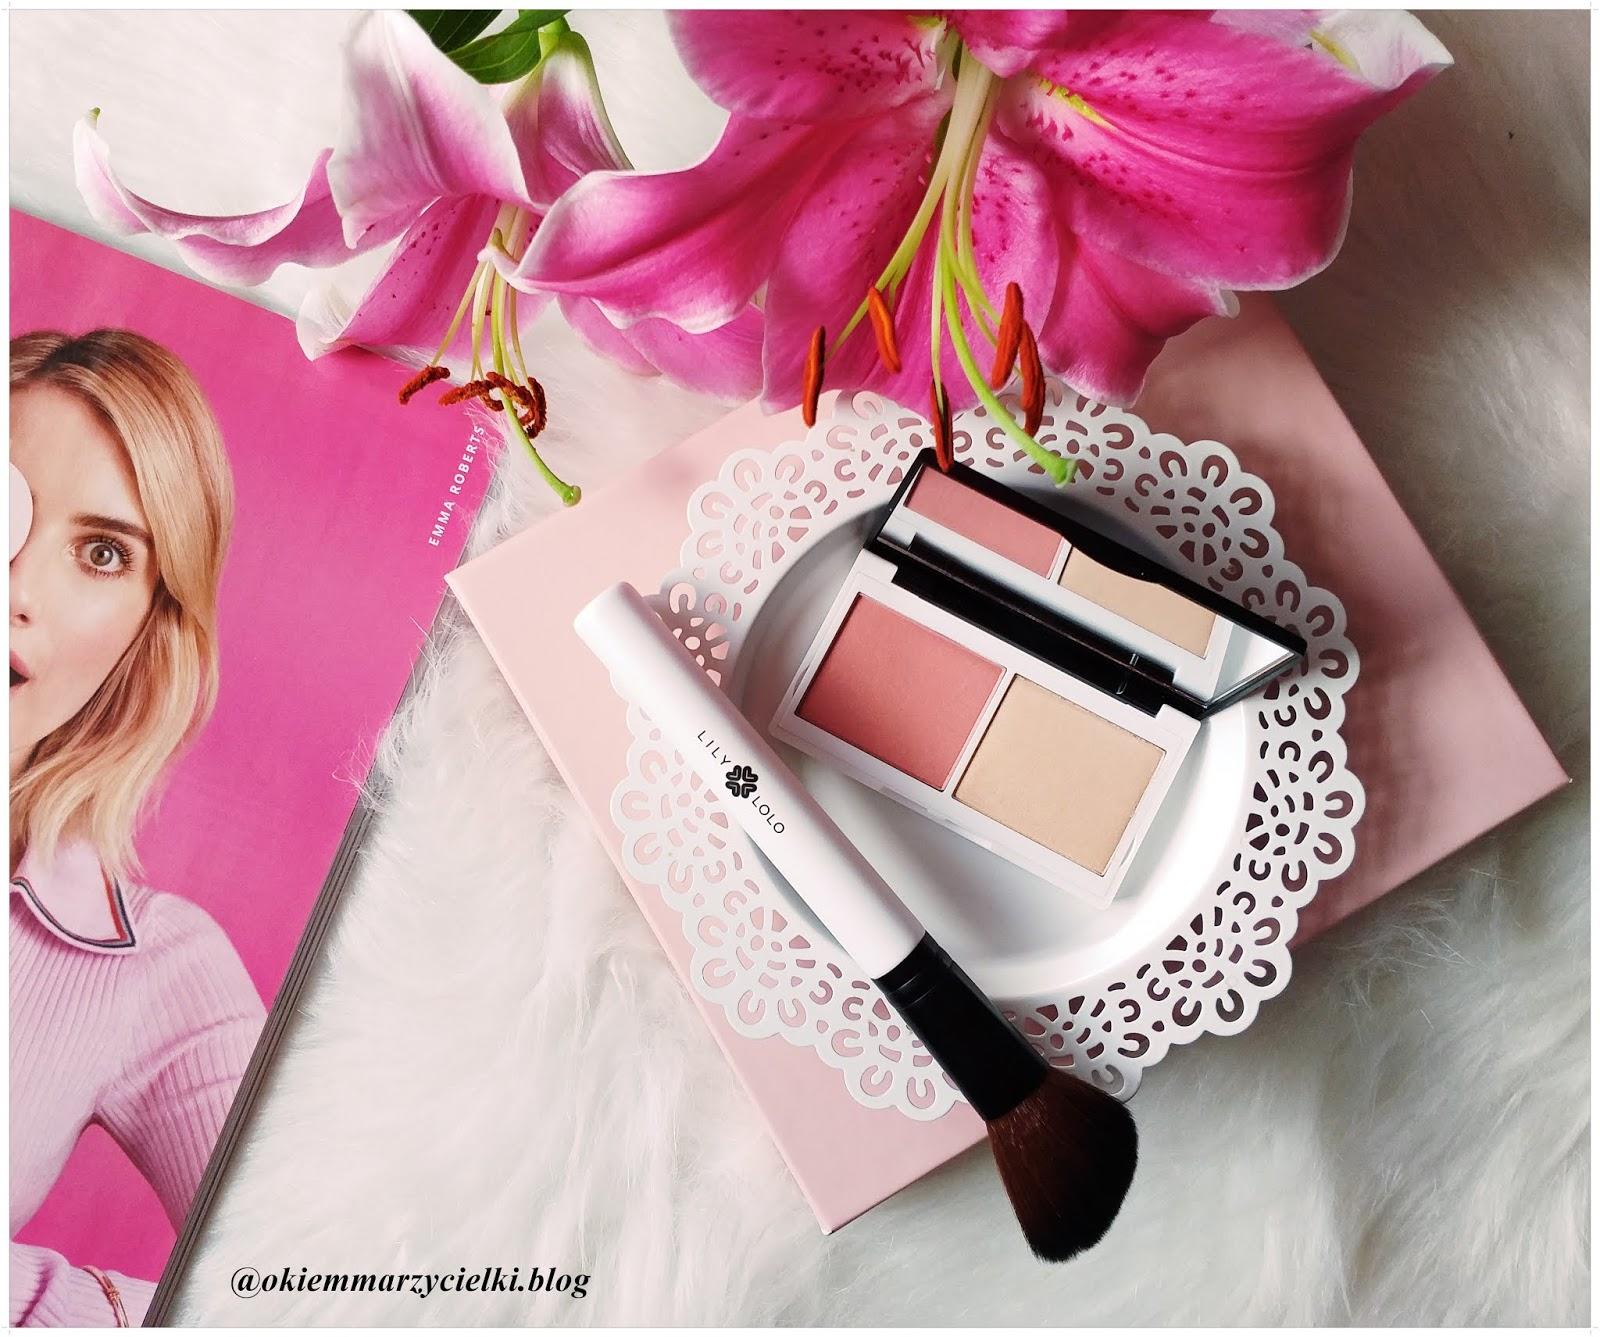 Pędzel do makijażu & Podwójny naturalny róż prasowany Coralista, Lily Lolo- recenzja #100